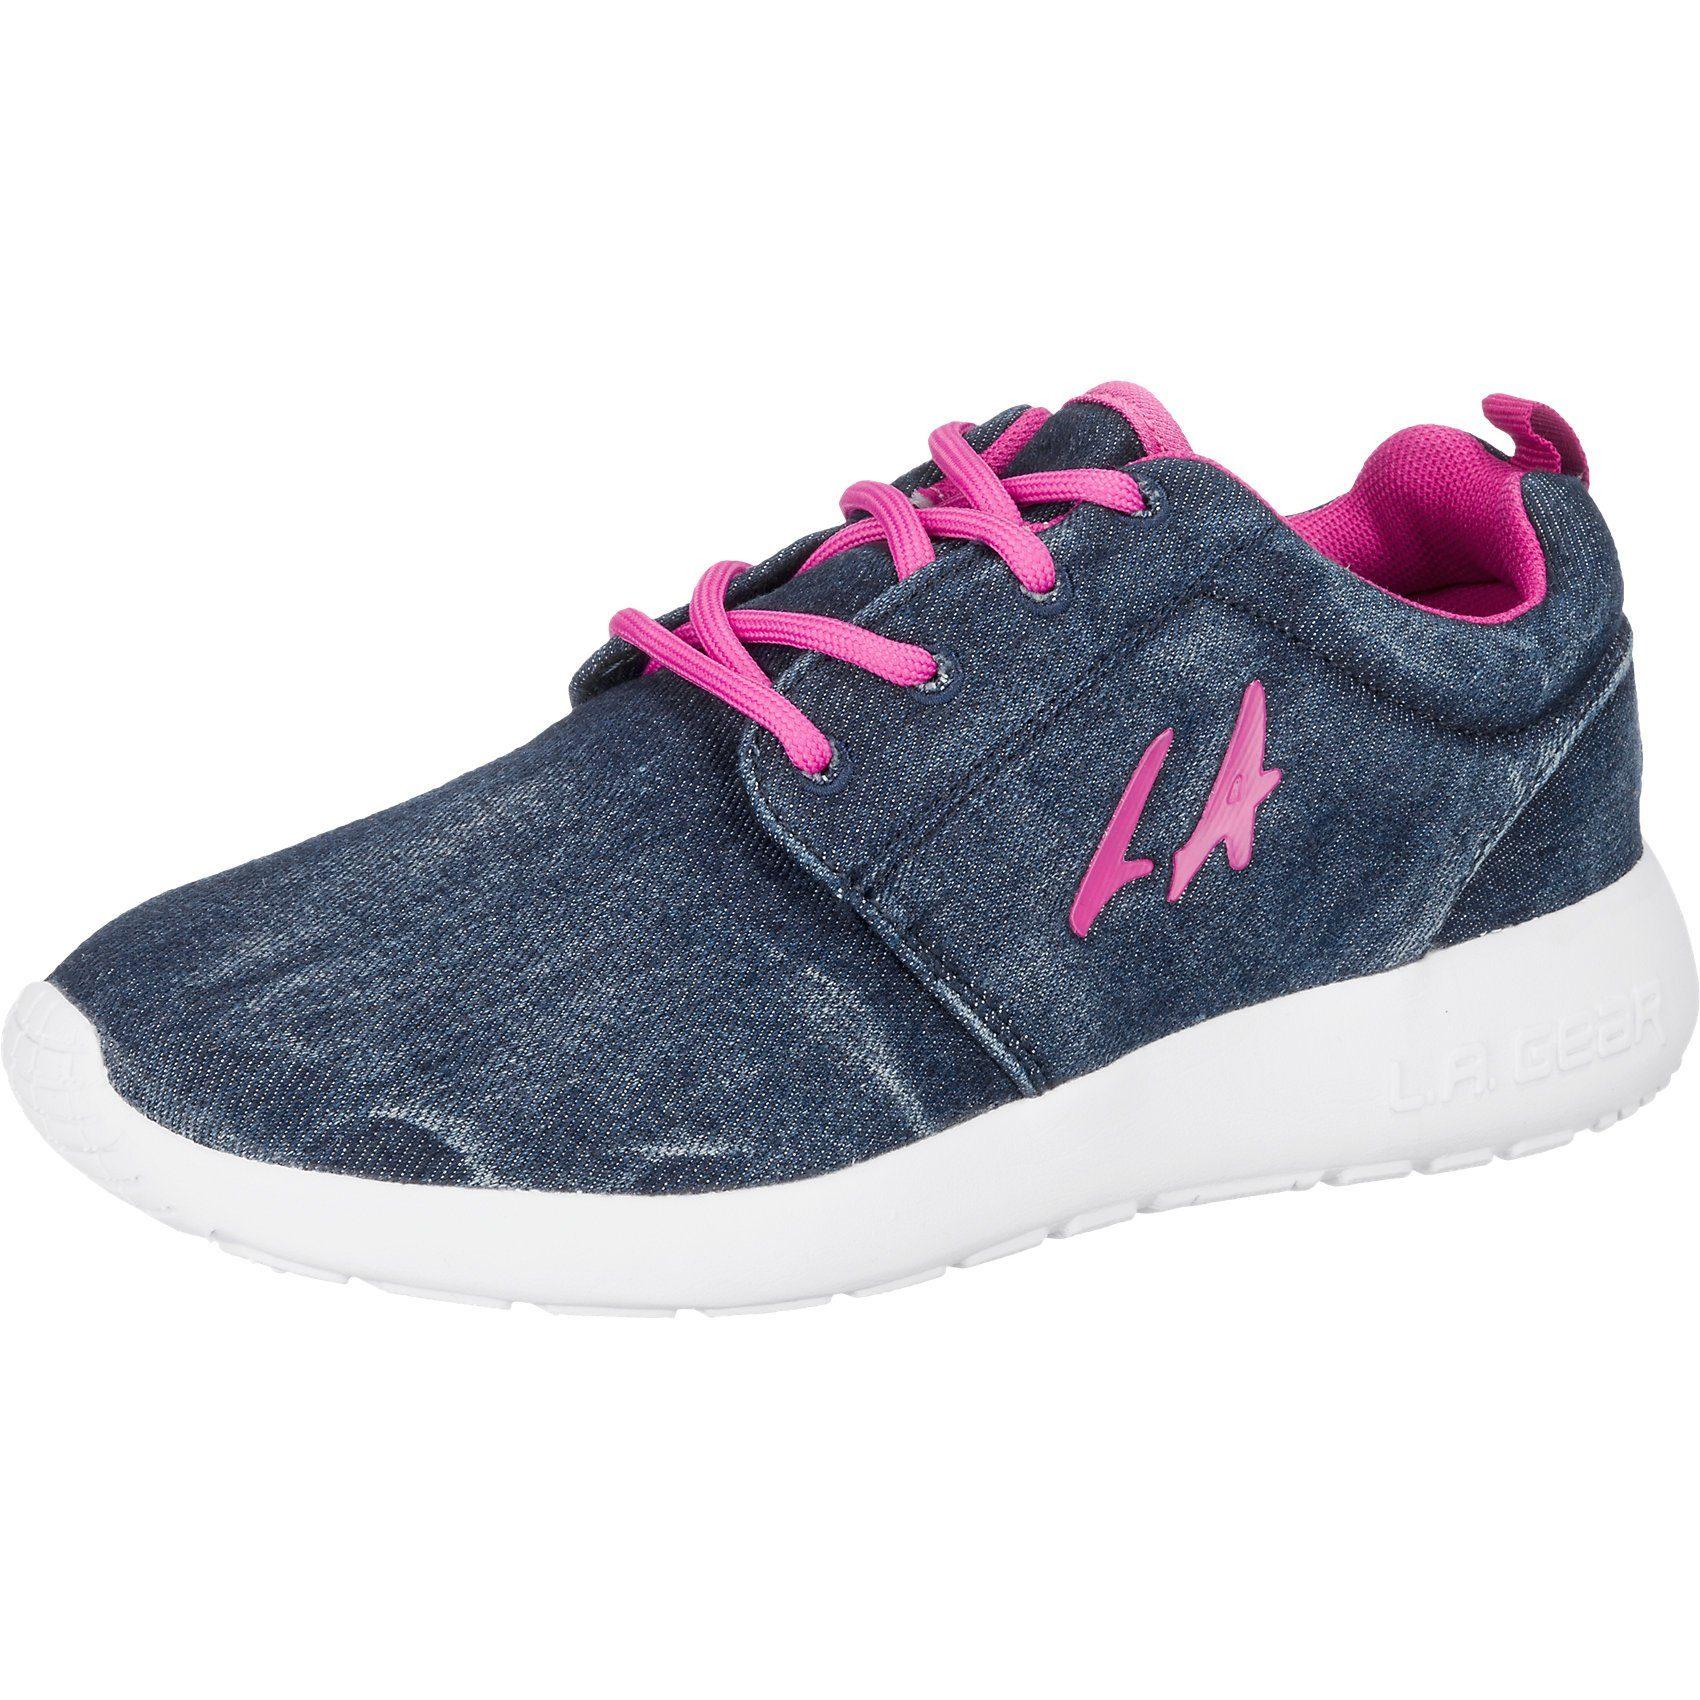 LA Gear Sunrise Sneakers online kaufen  dunkelblau